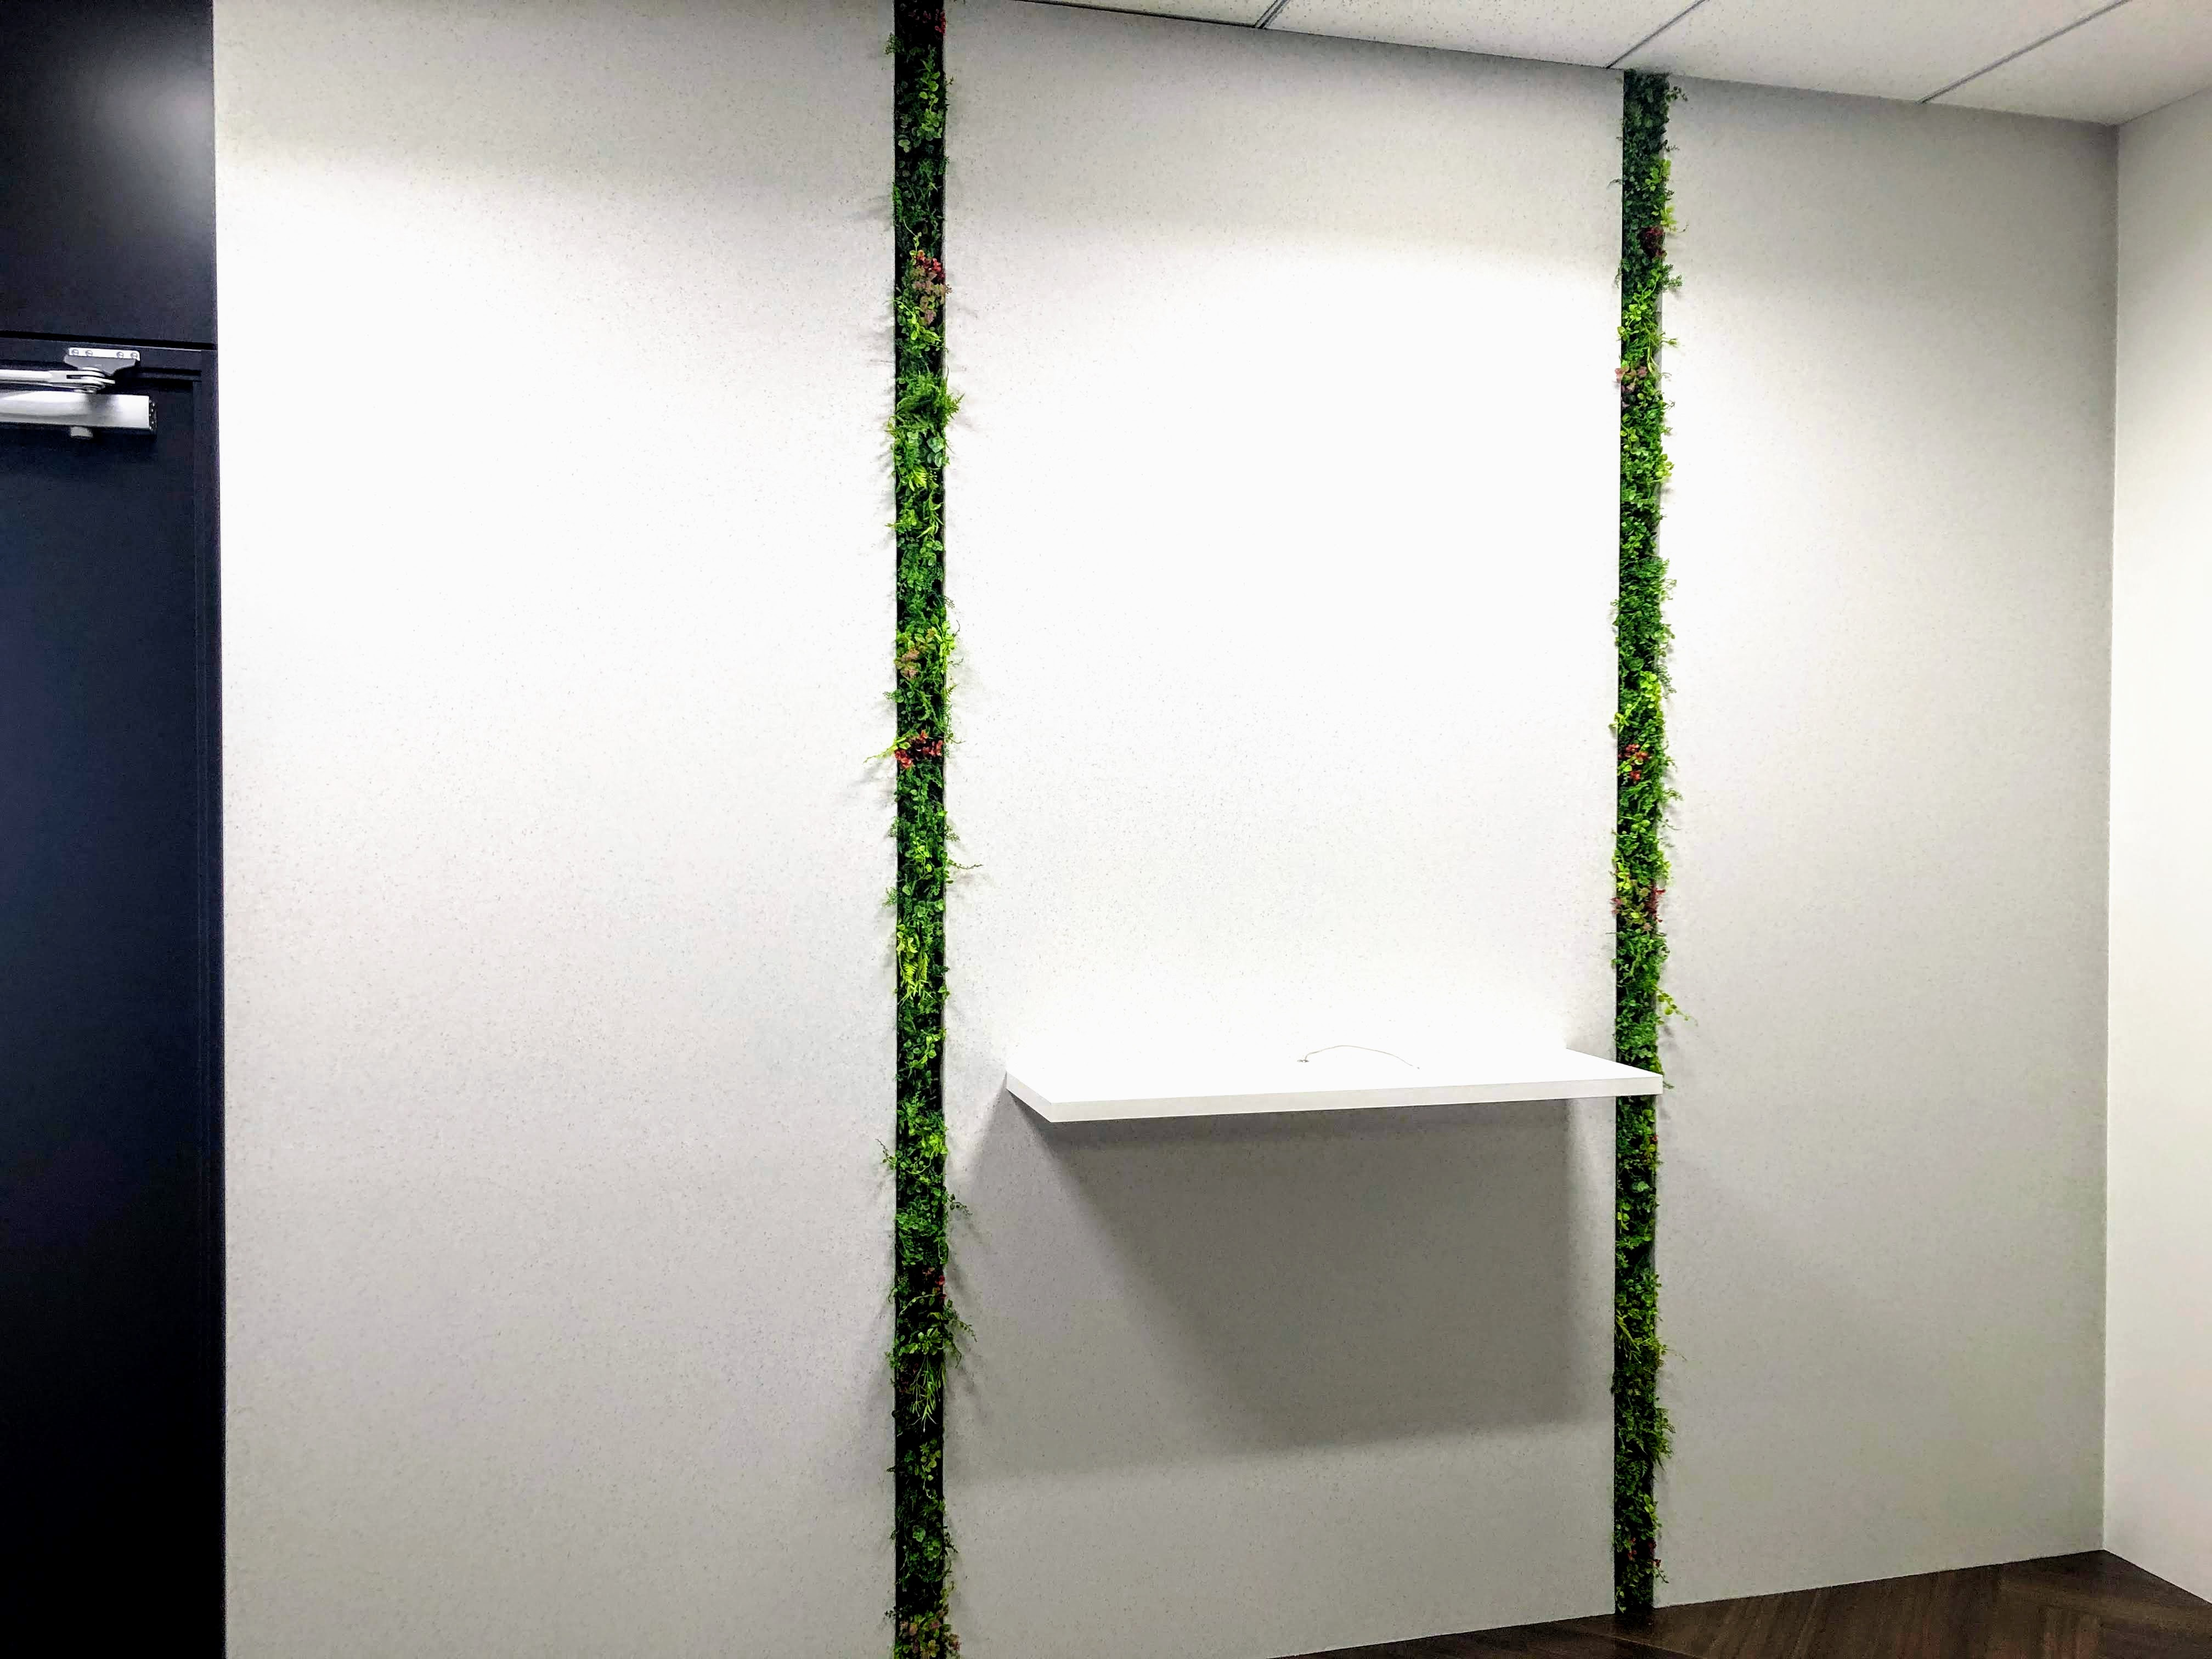 壁面緑化・フェイクグリーン装飾